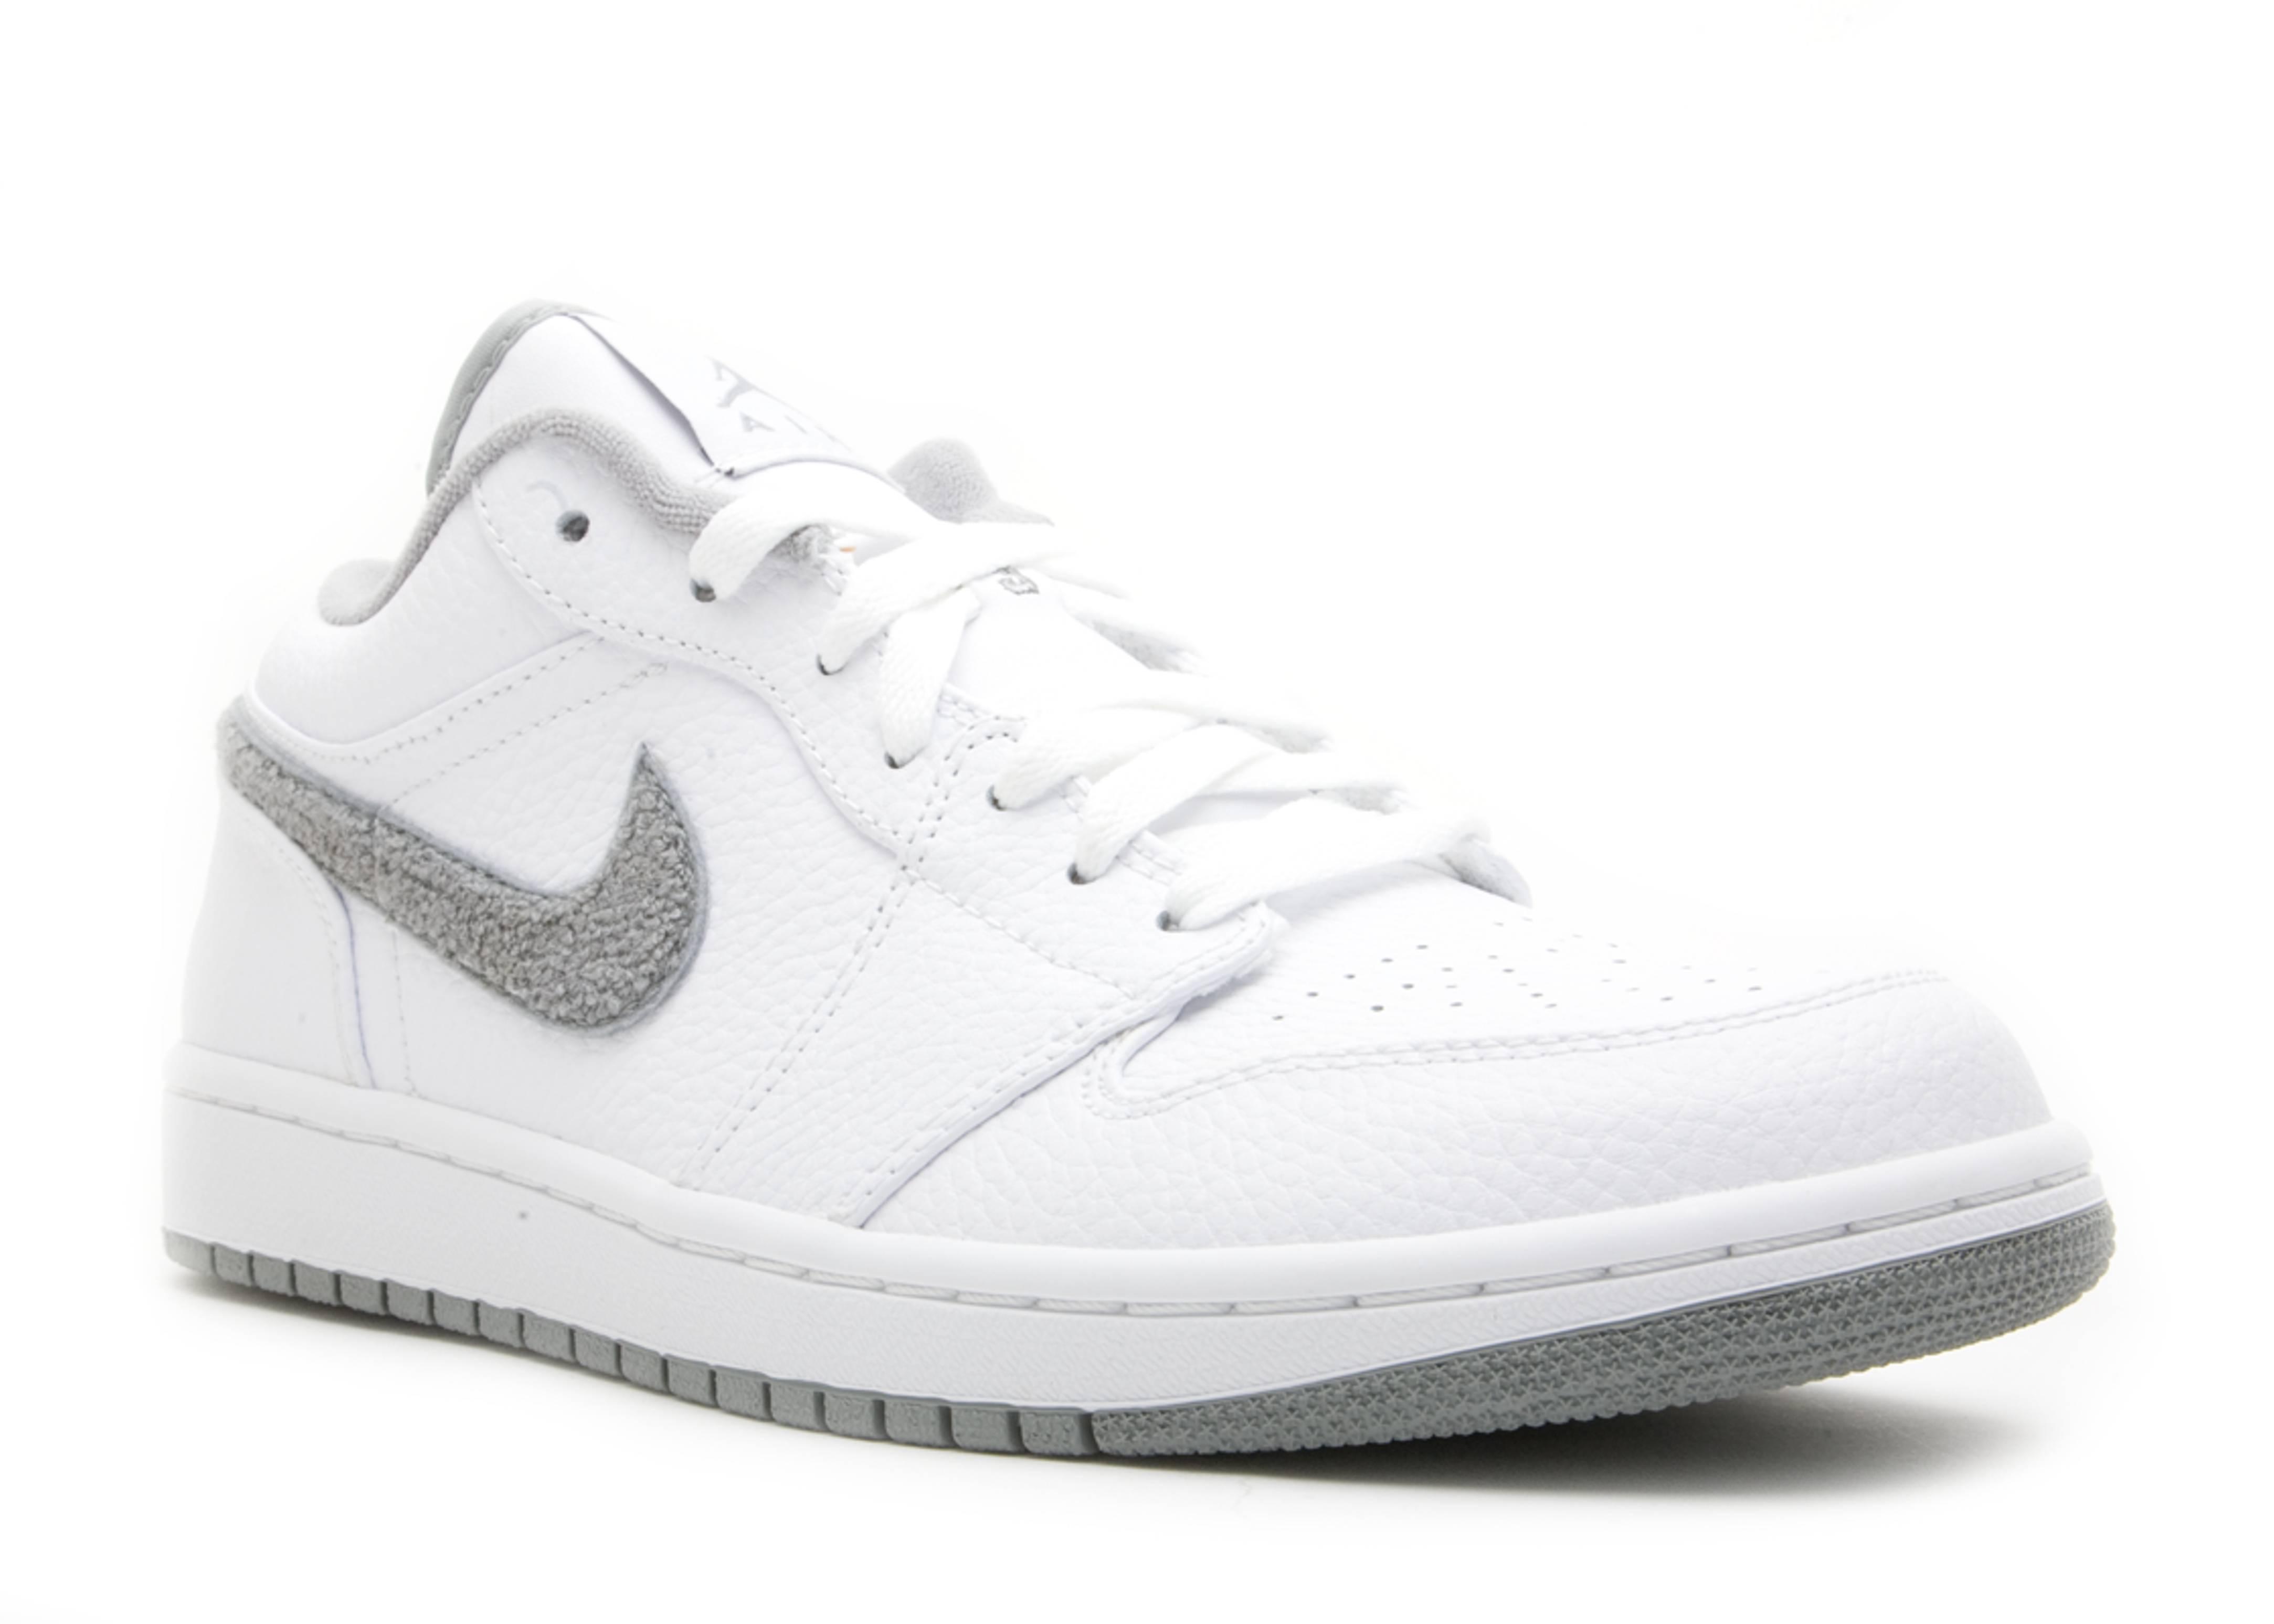 c2d754aa237 Air Jordan 1 Phat Low - Air Jordan - 338145 103 - white/shadow grey ...